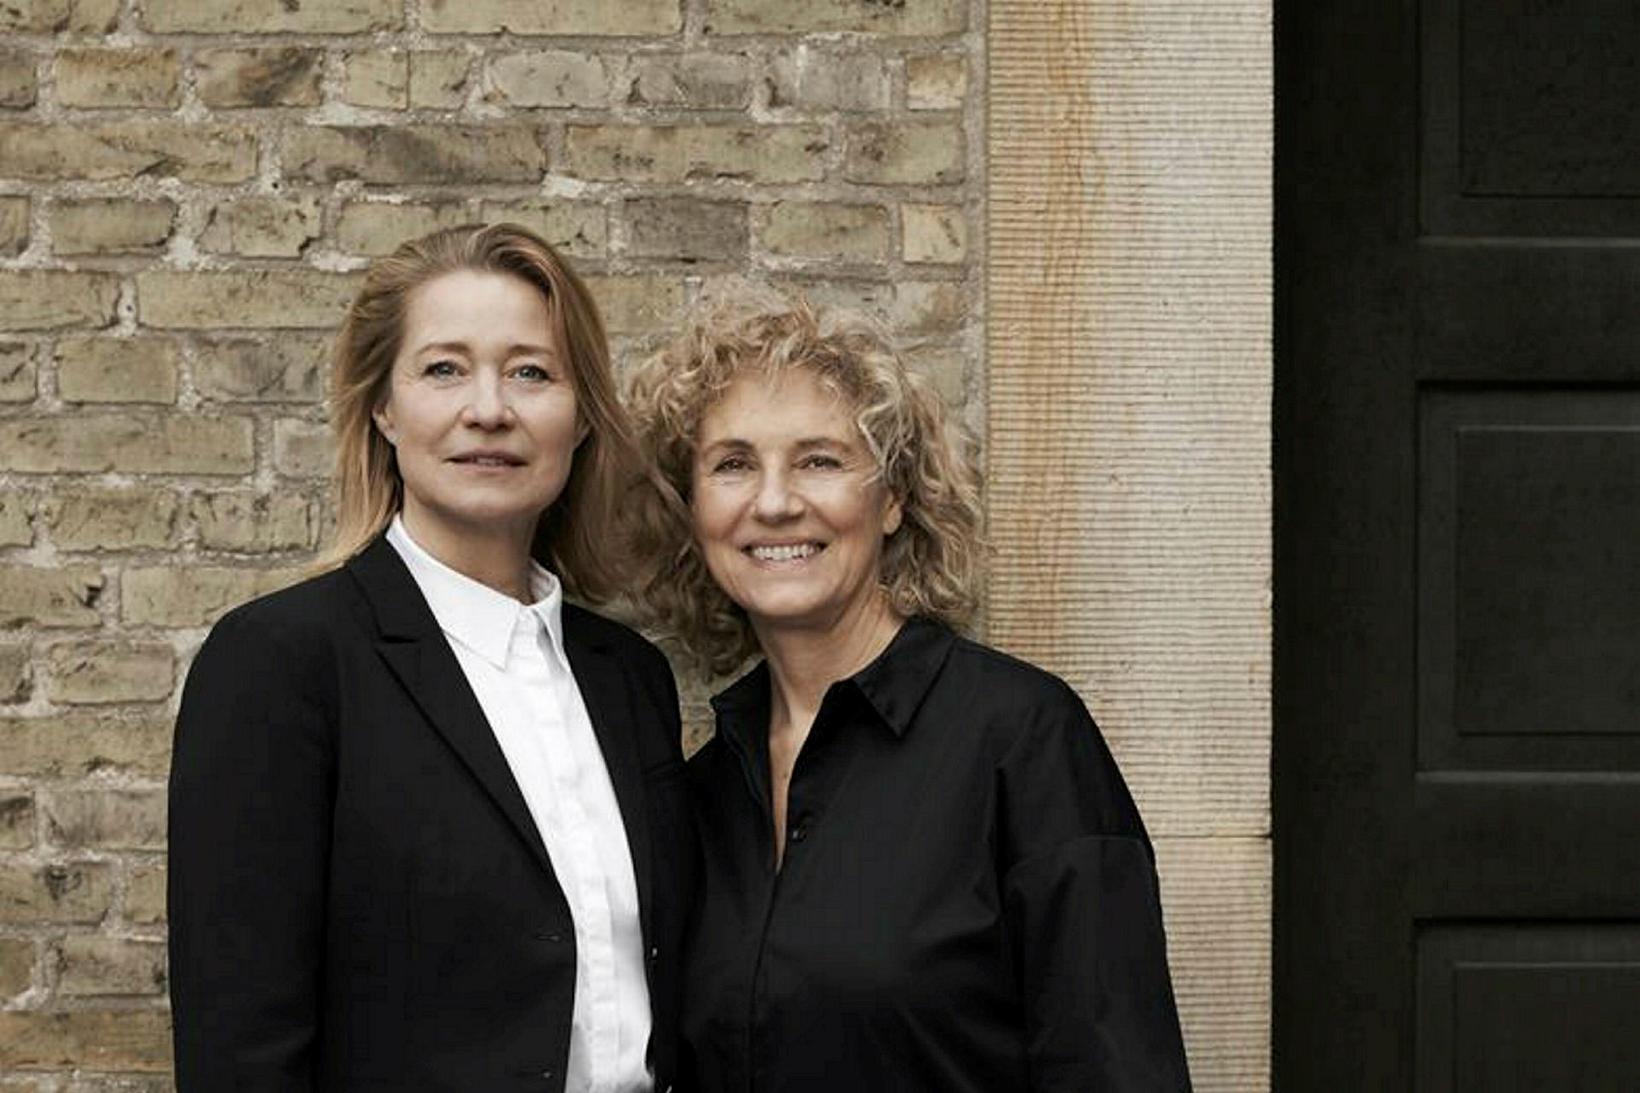 Leikkonan Trine Dyrholm og Charlotte Sieling leikstjóri kvikmyndarinnar Margrete den …